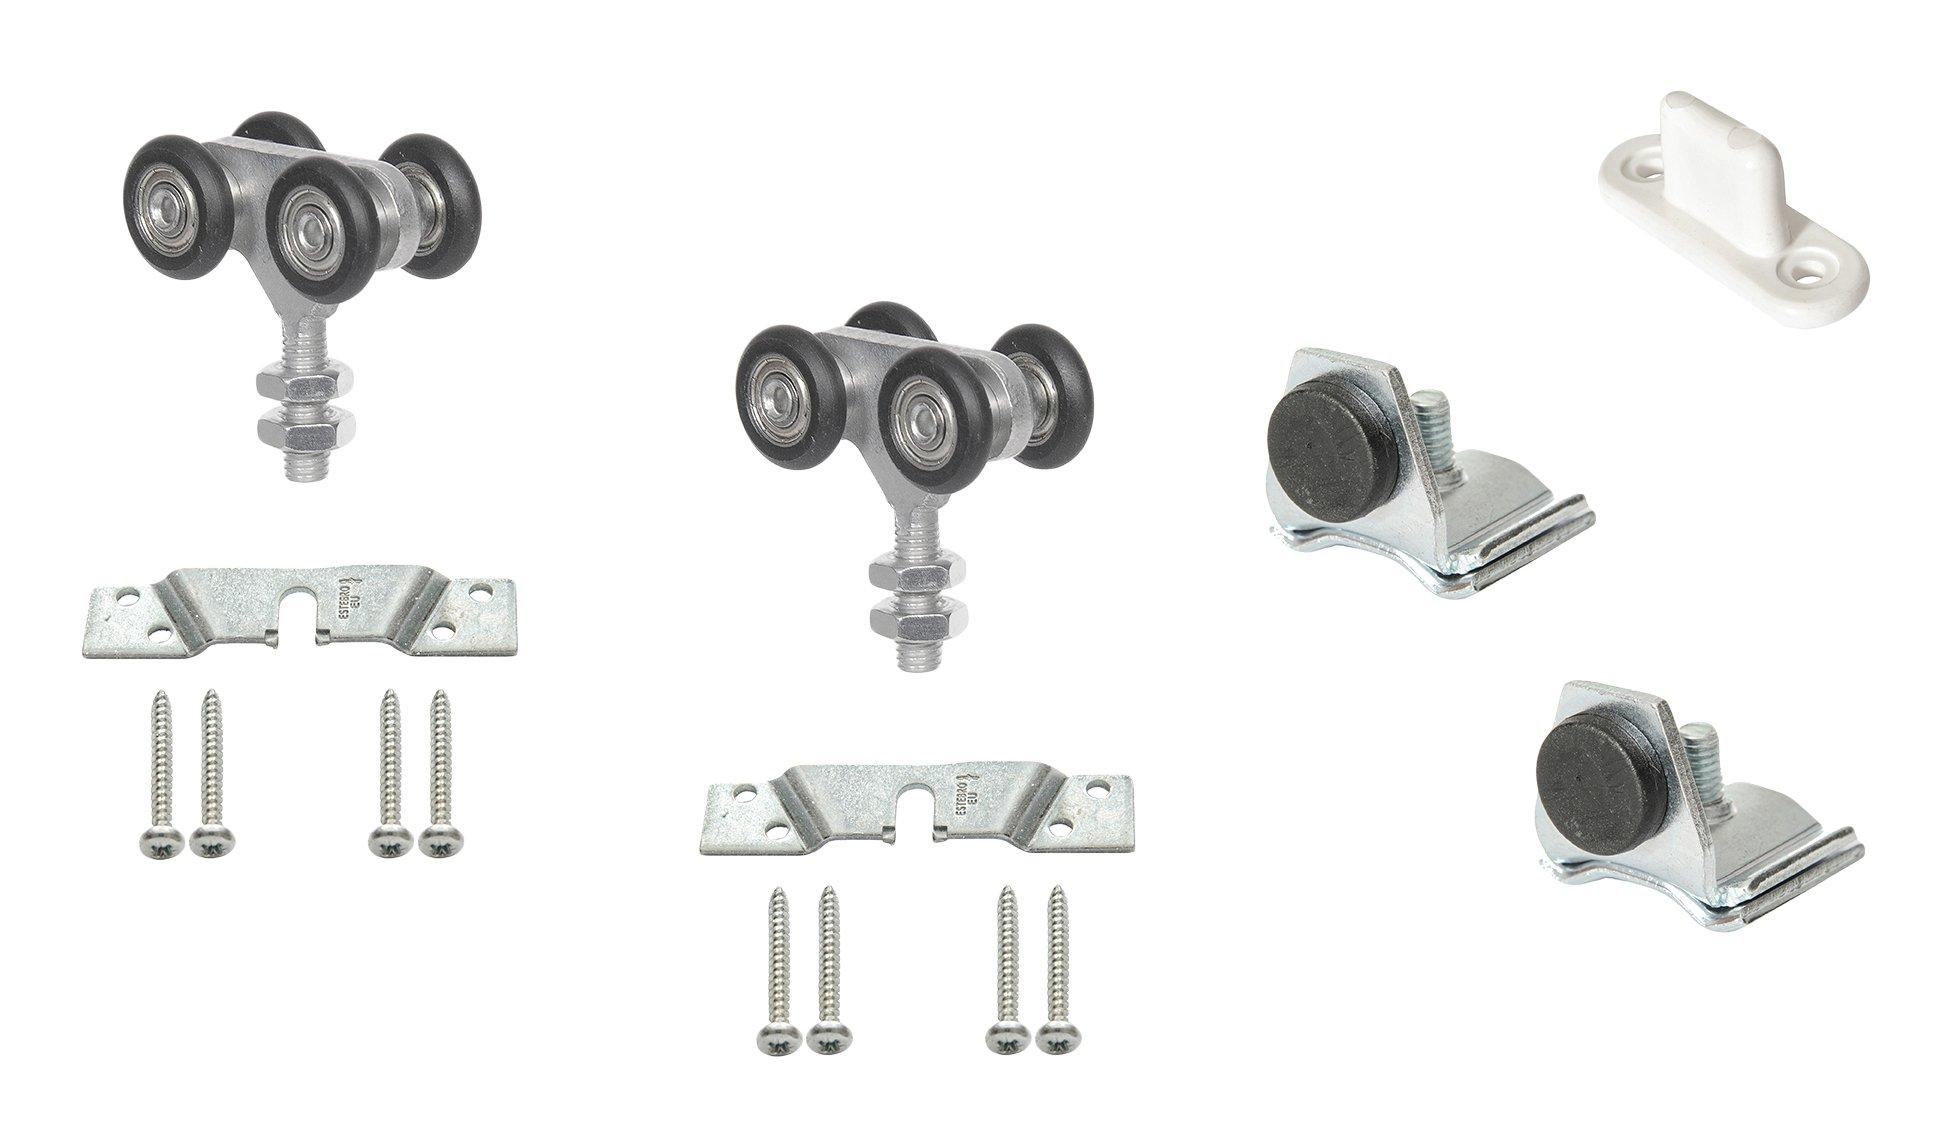 Estebro KC60N Kit de herraje para puerta corredera (hasta 60 kg con rodamientos en nylon): Amazon.es: Bricolaje y herramientas